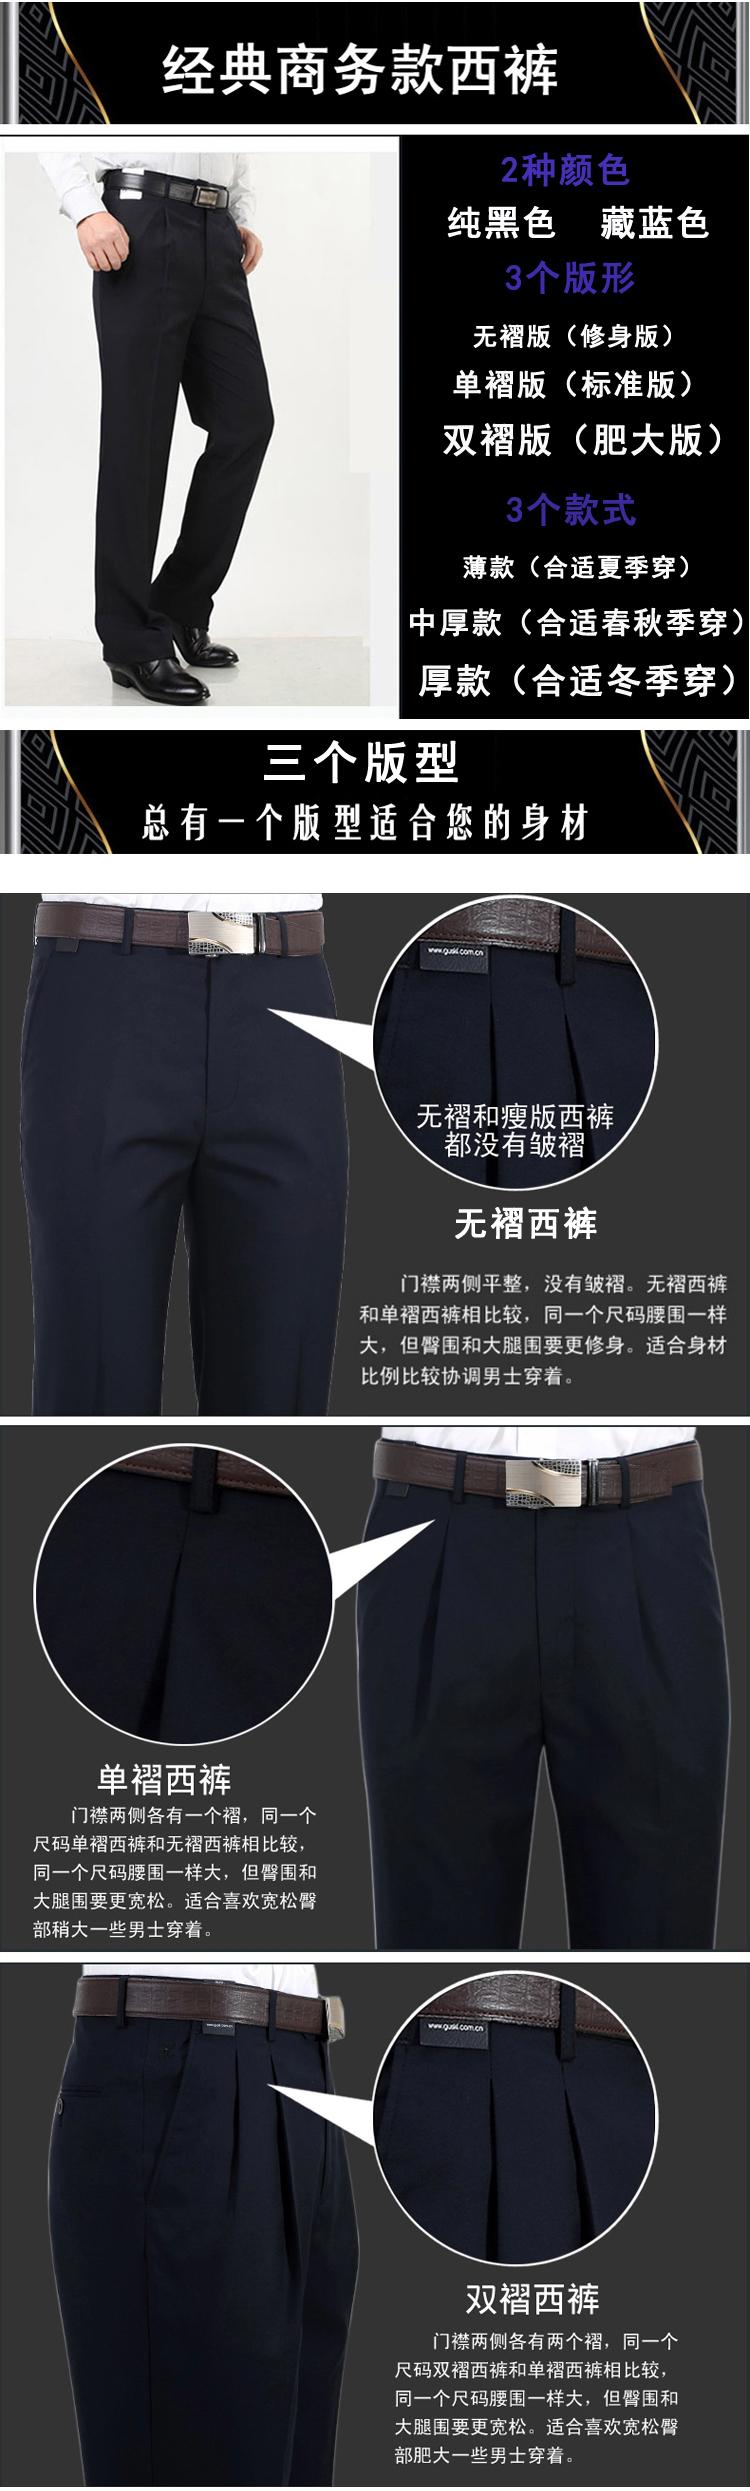 Chim gõ kiến quần nam mùa hè phần mỏng cao eo lỏng thẳng ống miễn phí quần kinh doanh bình thường trung niên phù hợp với quần